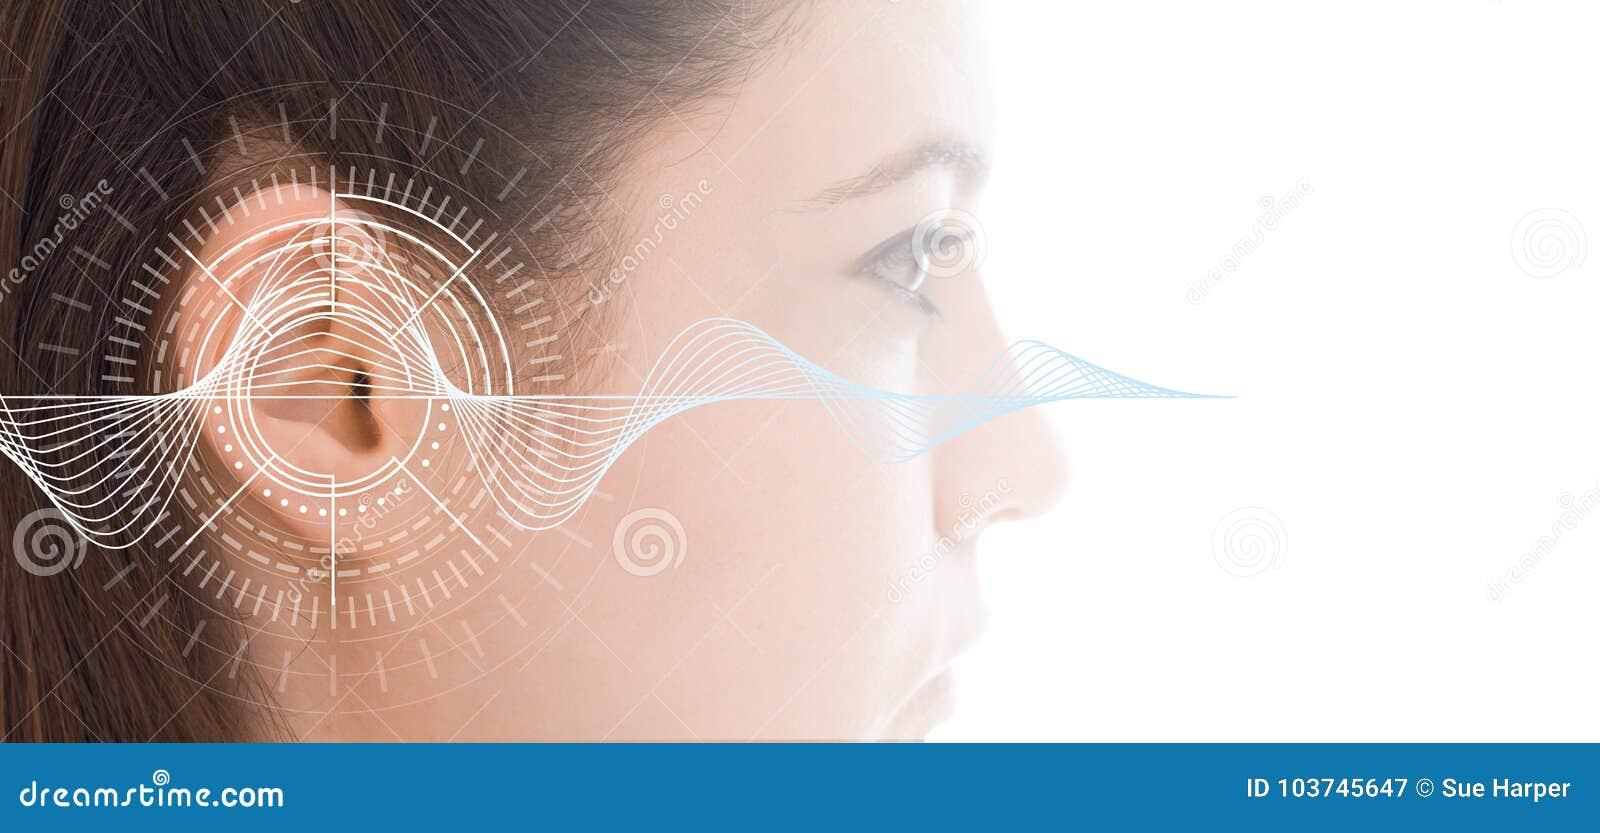 Hörtest, der Ohr der jungen Frau mit Schallwellesimulationstechnik zeigt